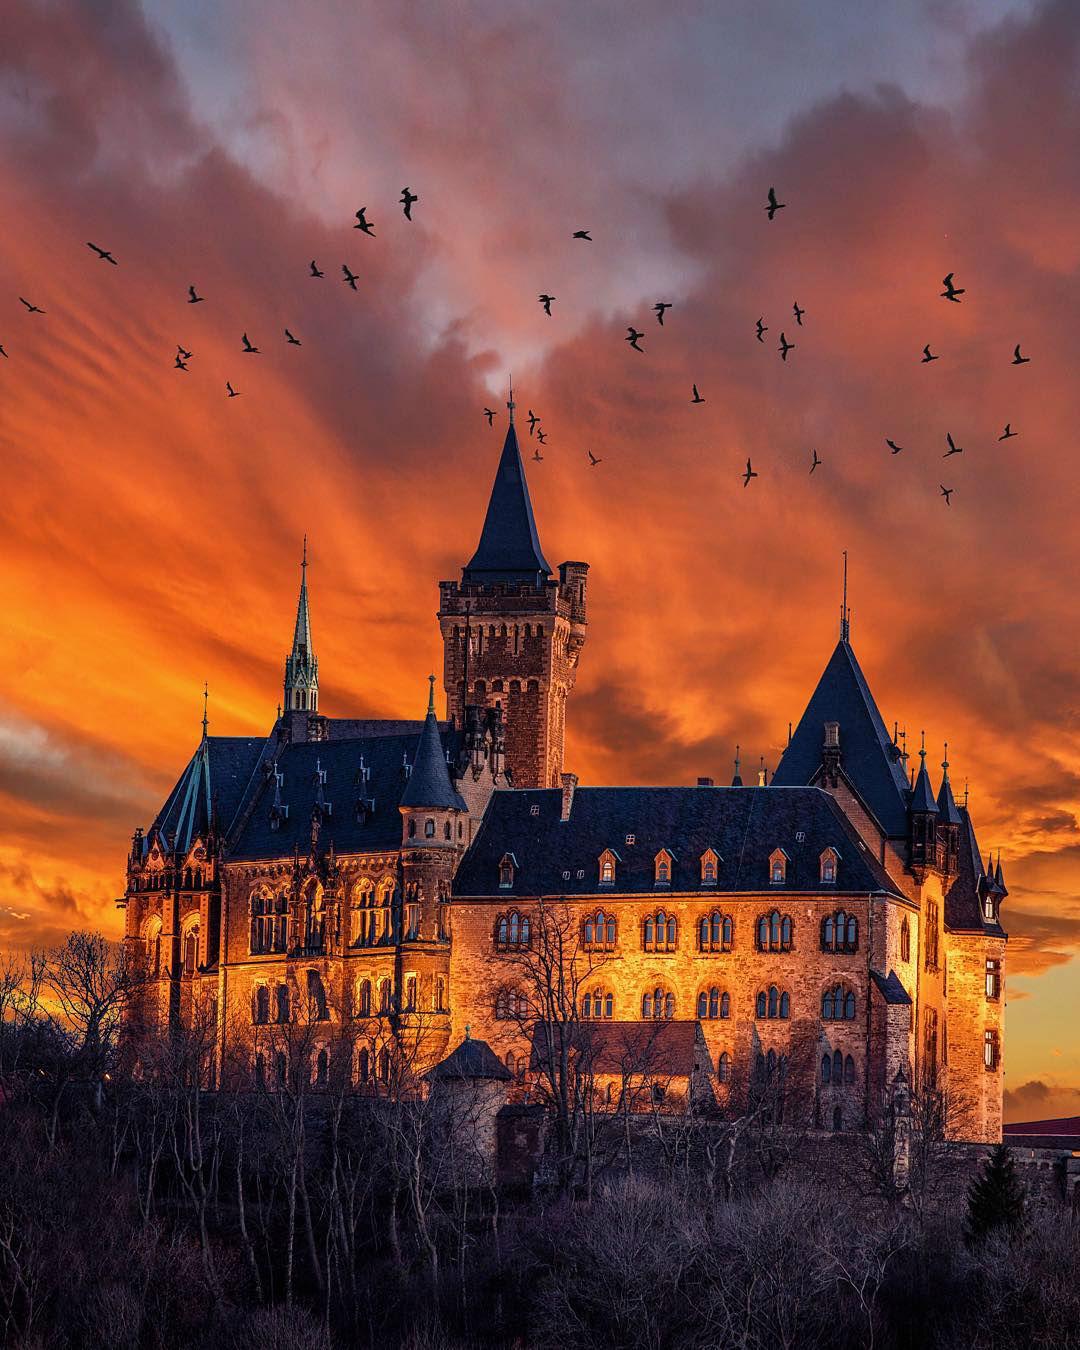 viaje alrededor del mundo con fotografías de paisajes surreales Jacob Riglin 013